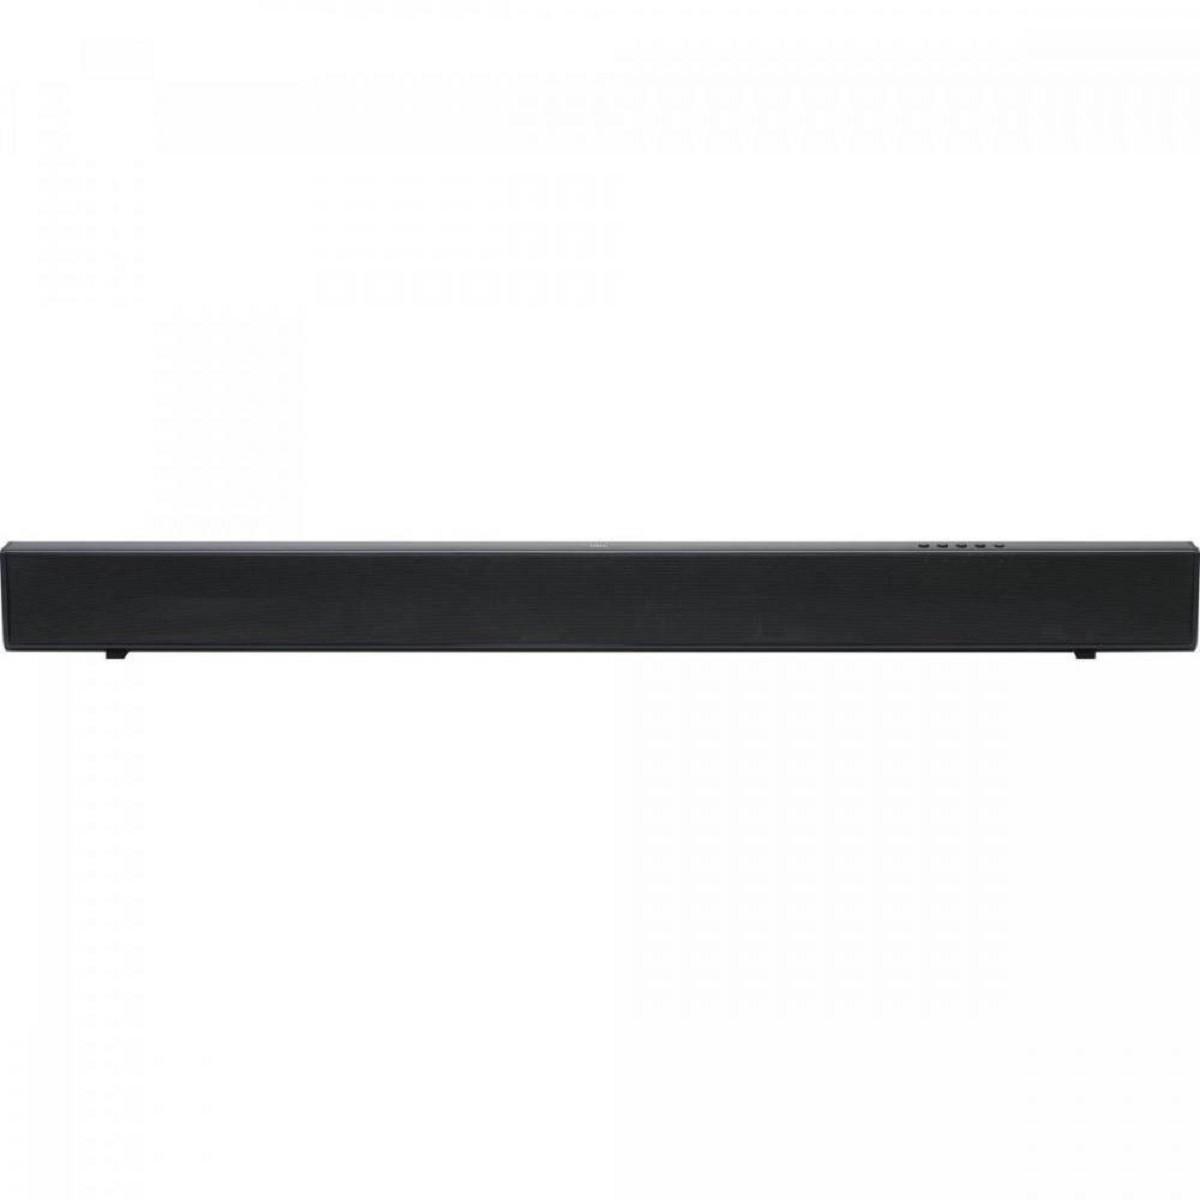 Soundbar 2.0 Bluetooth 110W Cinema Dolby Digital SB110 Preto JBL